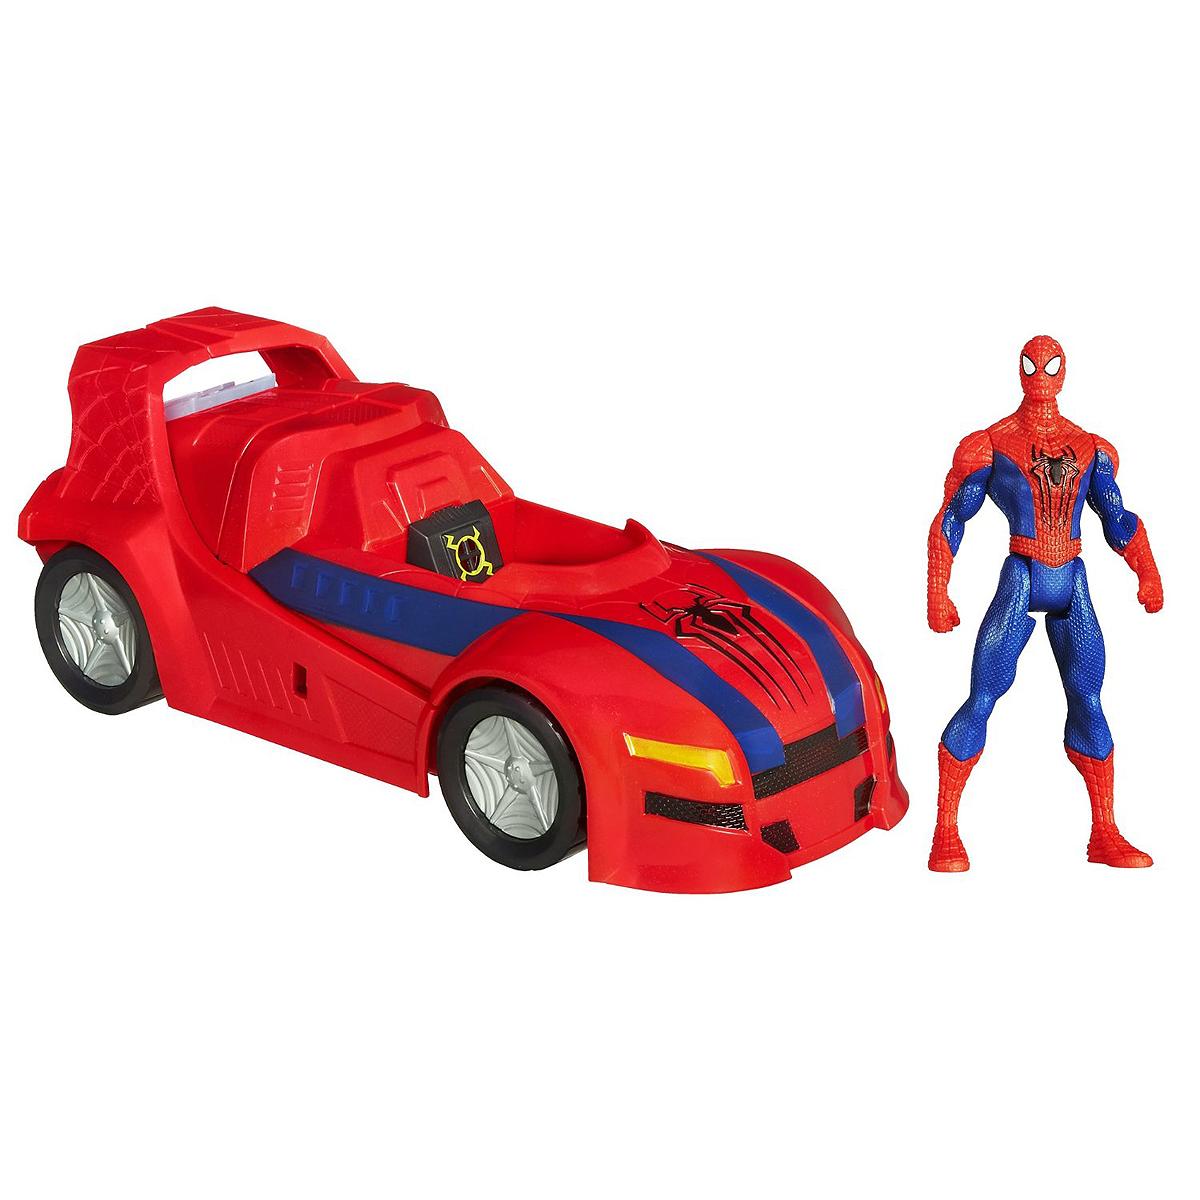 Spider-Man Автомобиль 3 в 1 с фигуркойA6283Игровой набор Spider-Man (Человек-Паук): Автомобиль 3в1 станет отличным подарком любителю комиксов Marvel и даст ребенку уникальную возможность почувствовать себя в гуще событий. Набор состоит из подвижной фигурки, выполненной в виде всем известного Человека-Паука - героя Вселенной Marvel и транспортного средства. Достаточно усадить фигурку Человека-Паука в машину, после чего активируются секретные оружия, находящиеся в крыльях автомобиля (это происходит под действием магнита). Затем следует нажать на кнопку, расположенную в задней части автомобиля, после чего, автомобиль разделится на две части, одна из которых - реактивный ранец, а вторая - трехколесник. Ваш ребенок будет часами играть с набором, придумывая различные истории с участием любимого героя. Порадуйте его таким замечательным подарком!